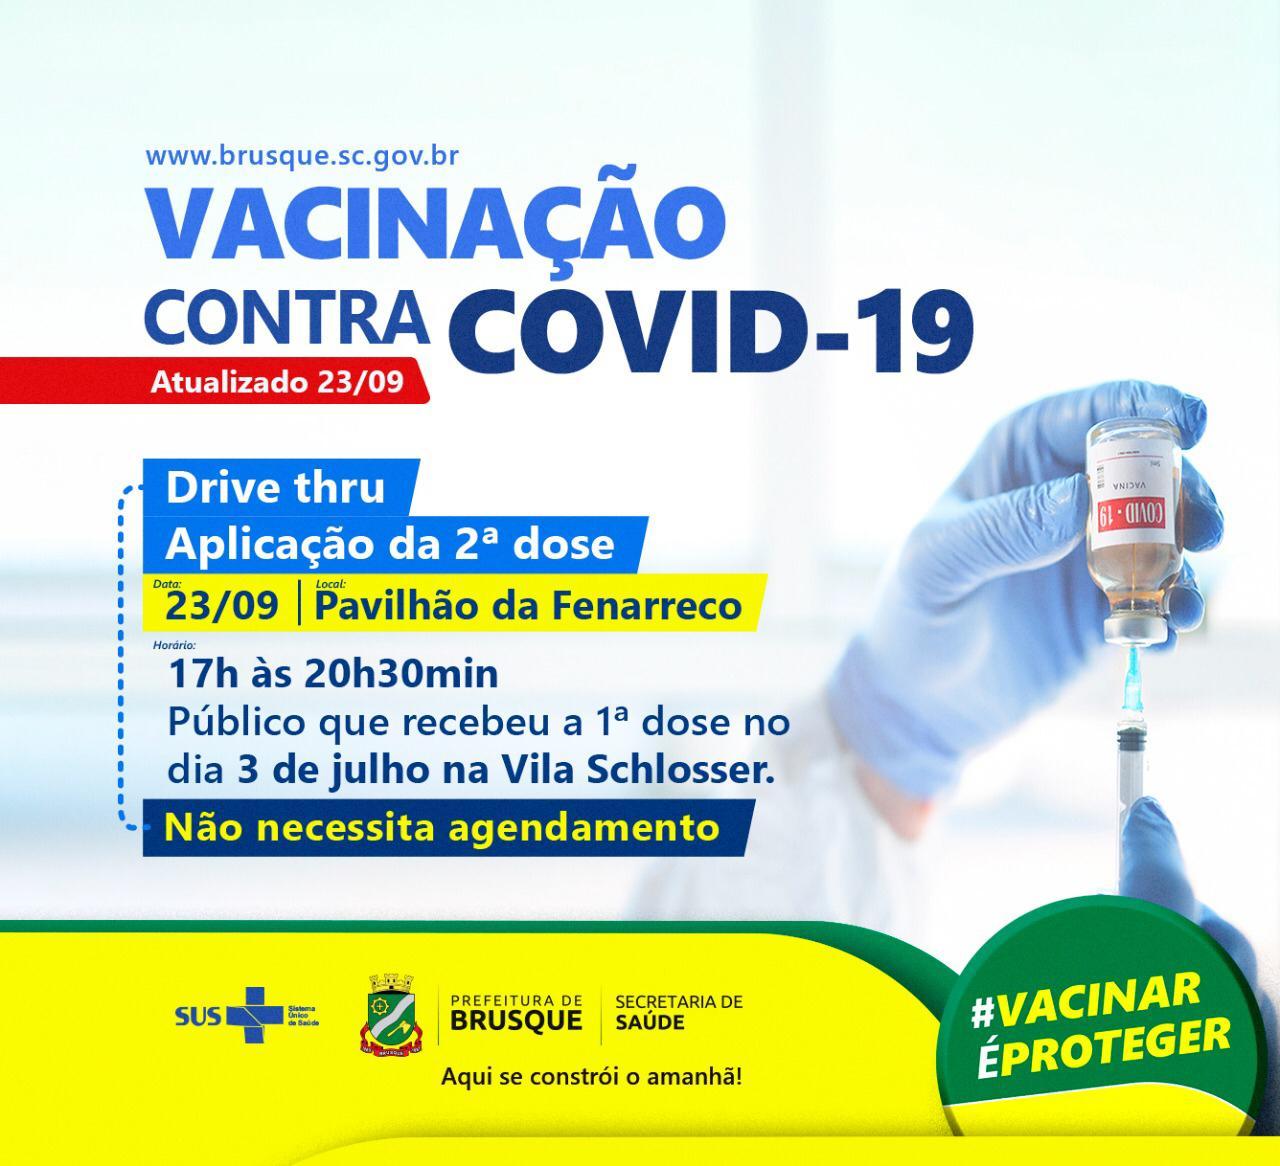 Covid-19: Hoje tem drive thru para aplicação da segunda dose da vacina